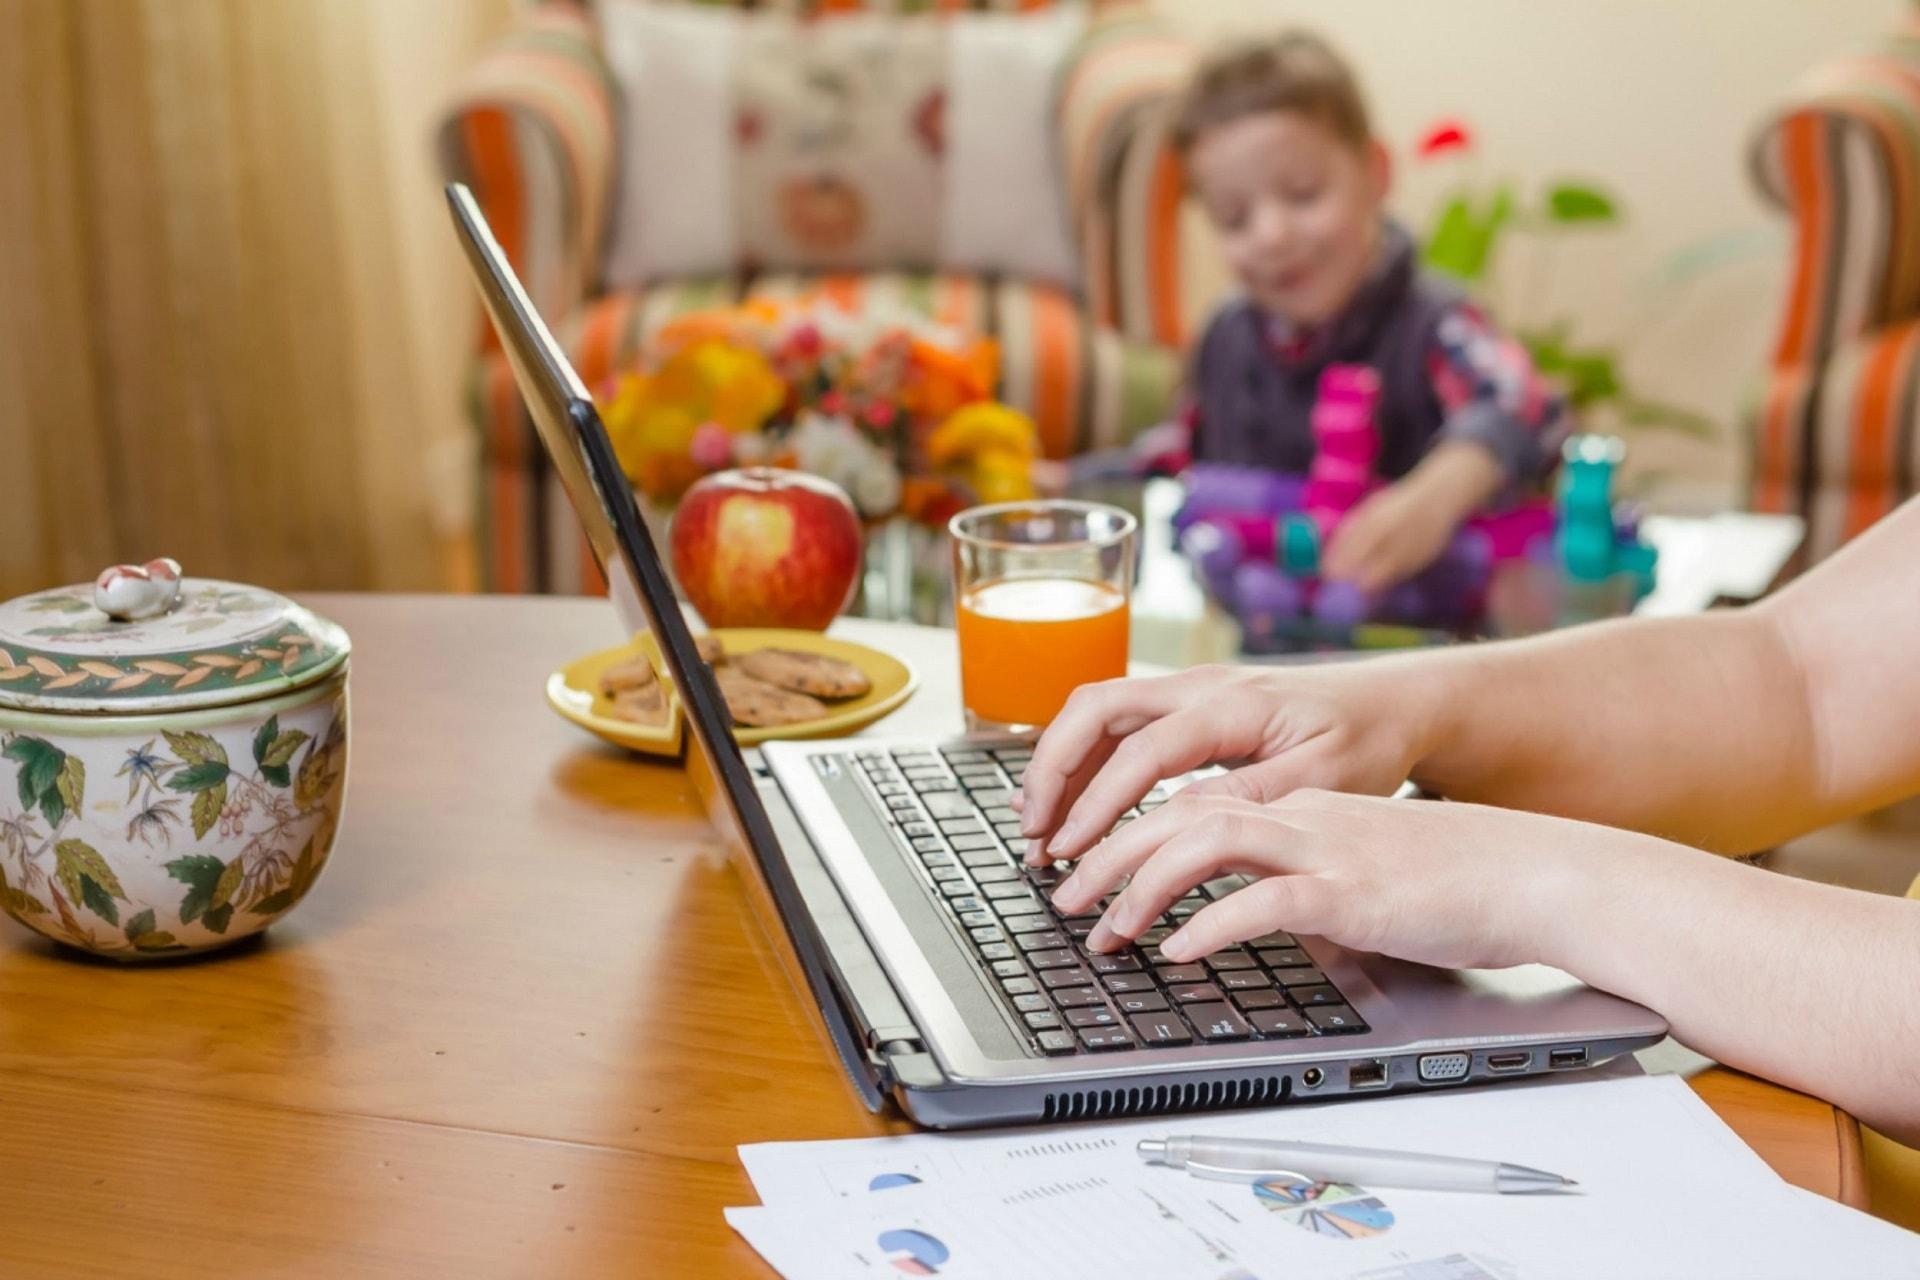 Ngồi một chỗ kiếm trăm triệu mỗi tháng nhờ bán hàng online tại nhà